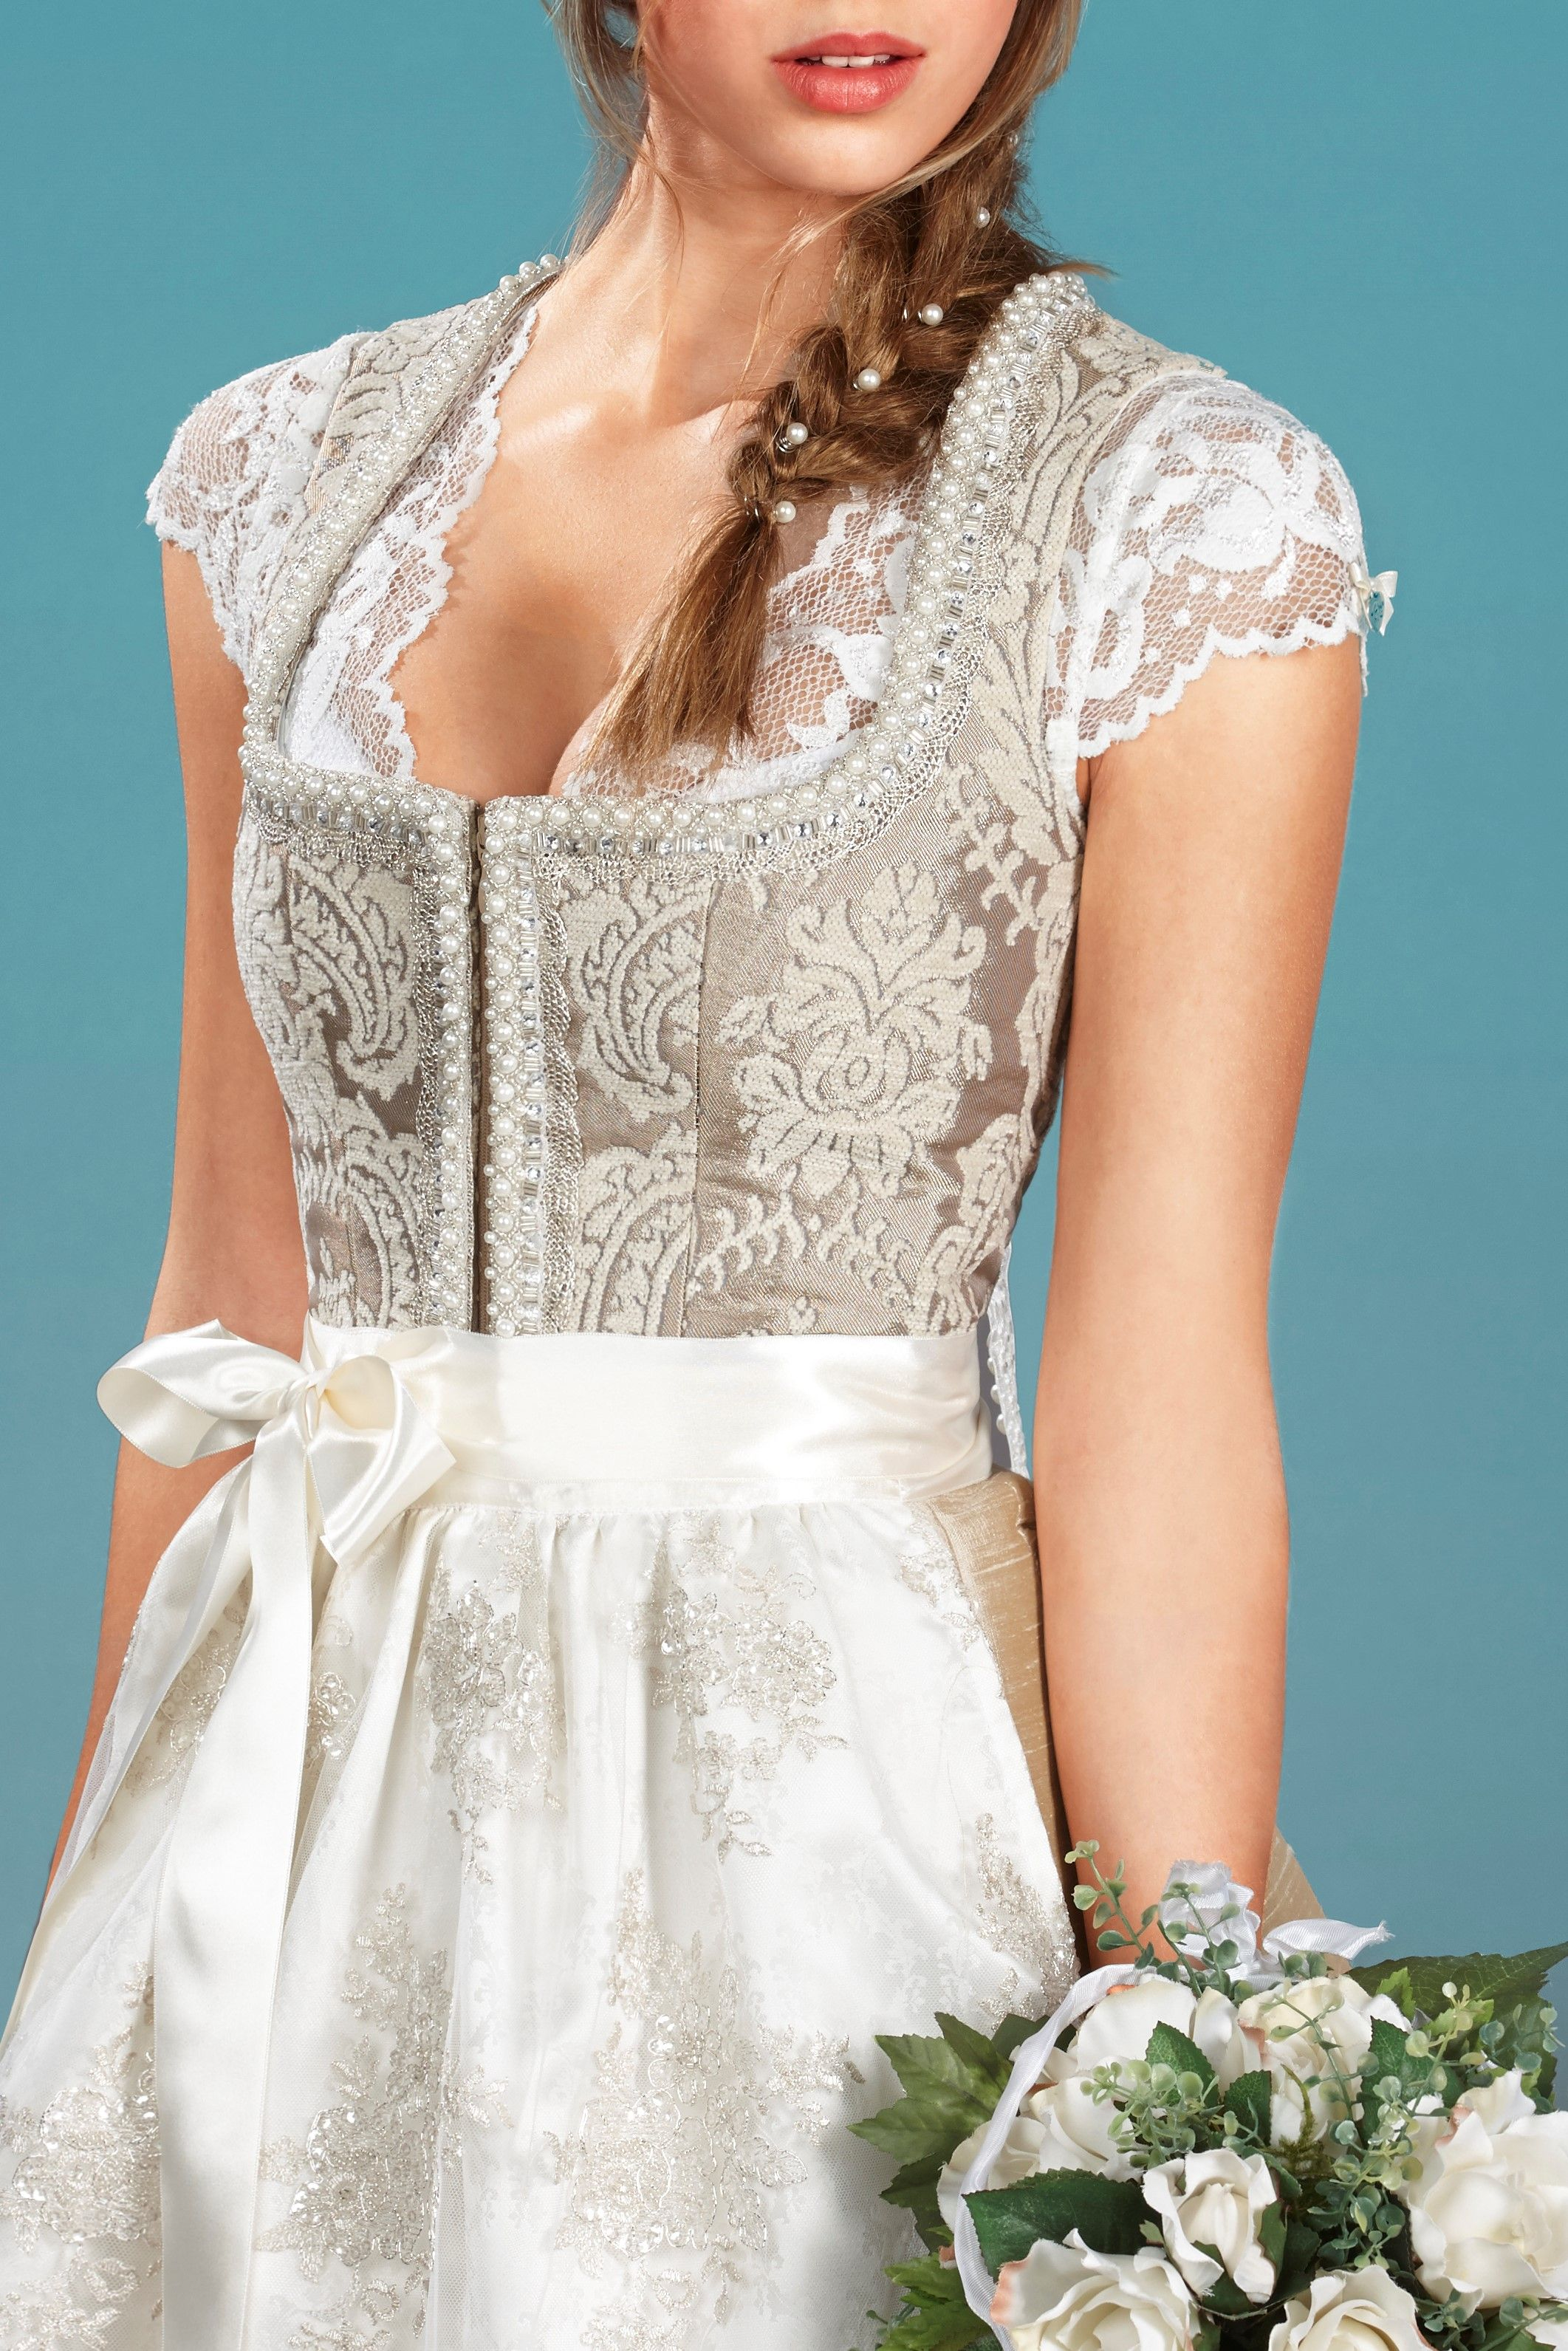 77afaaef9fe806 AlpenHerz Dirndl Vivian ist ein bezauberndes Hochzeitsdirndl. Das feine  Muster des Mieders und die Schürze aus Seide und Spitze machen den edlen  Look des ...